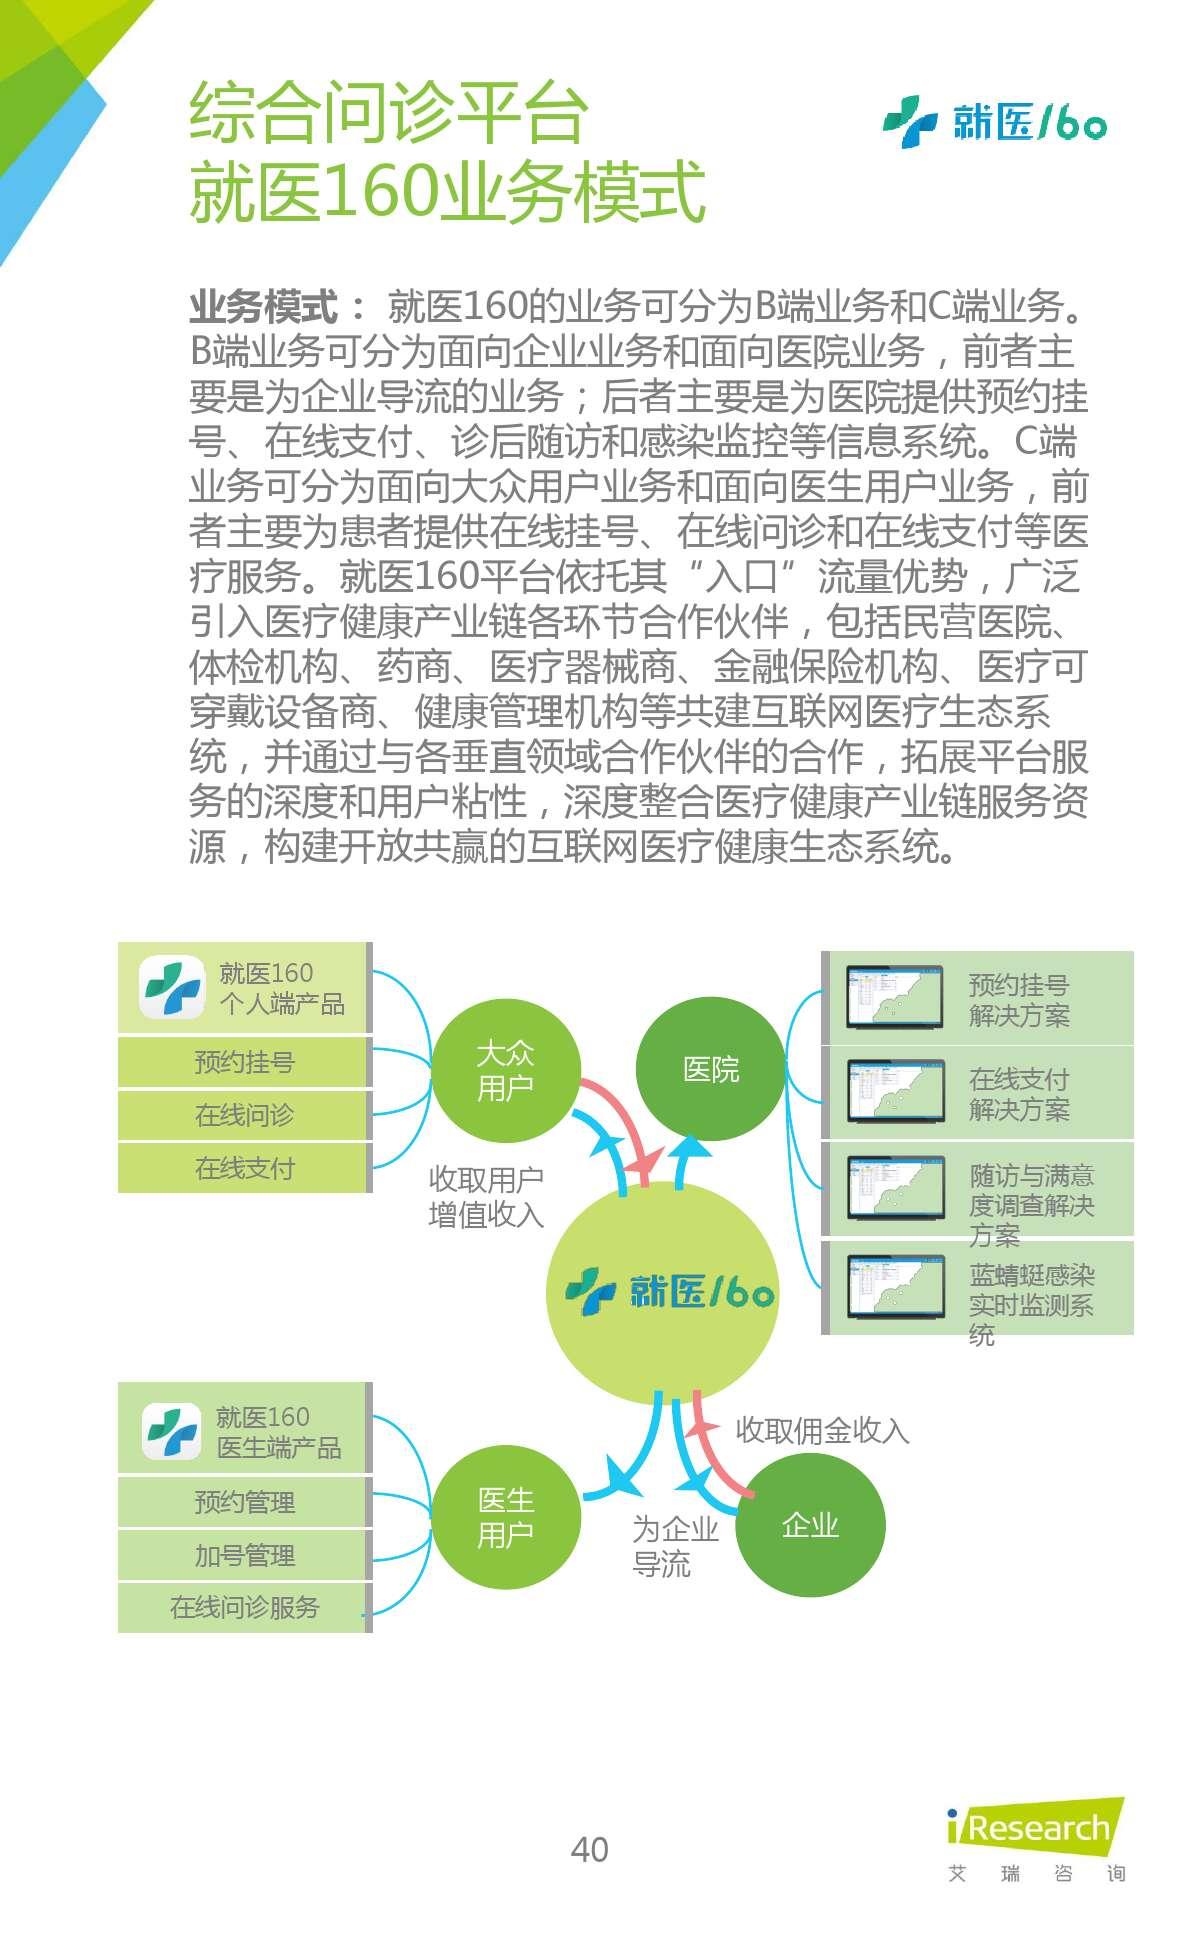 2015年中国在线问诊行业研究报告_000040